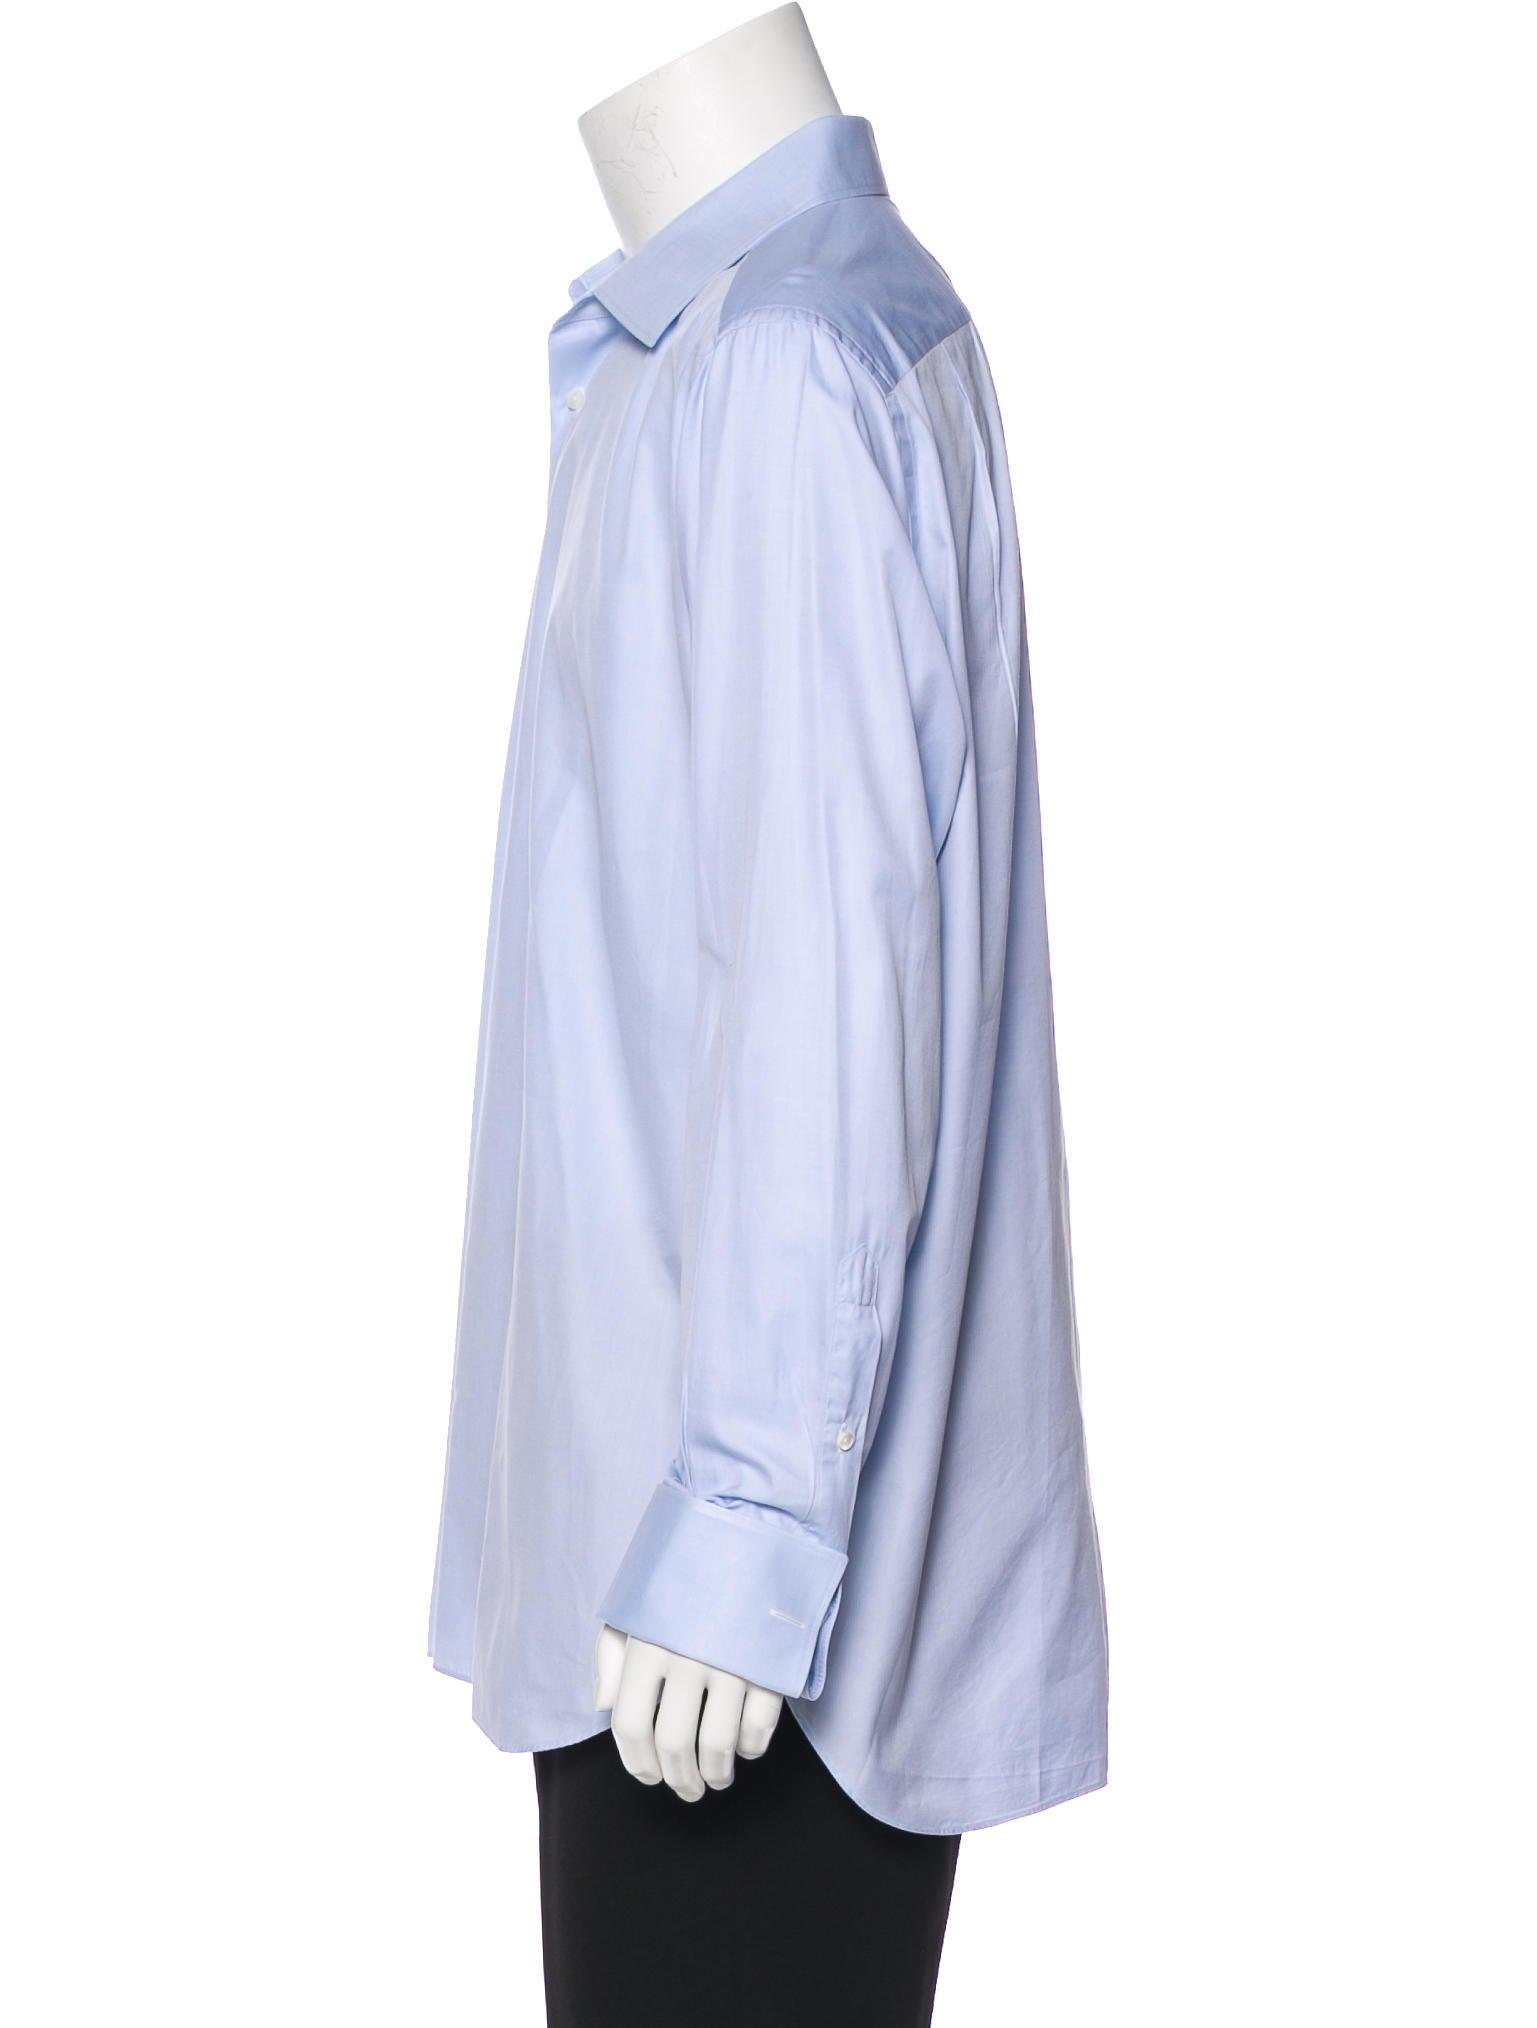 Ermenegildo zegna french cuff woven shirt clothing French cuff shirt women